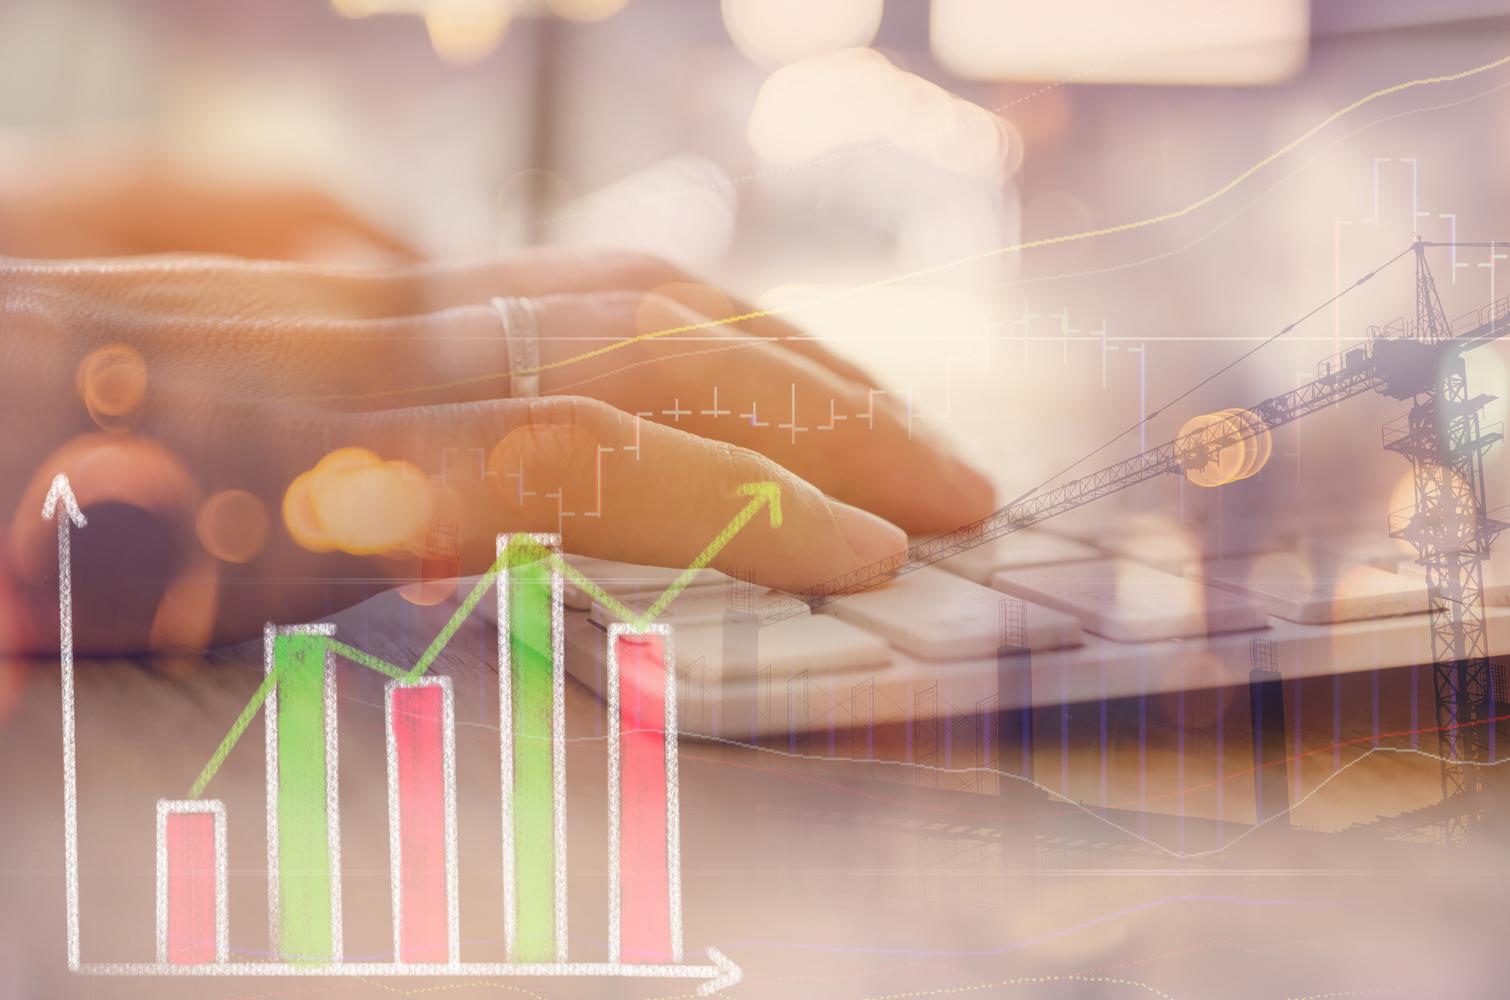 instruire și strategii pentru tranzacționarea opțiunilor binare